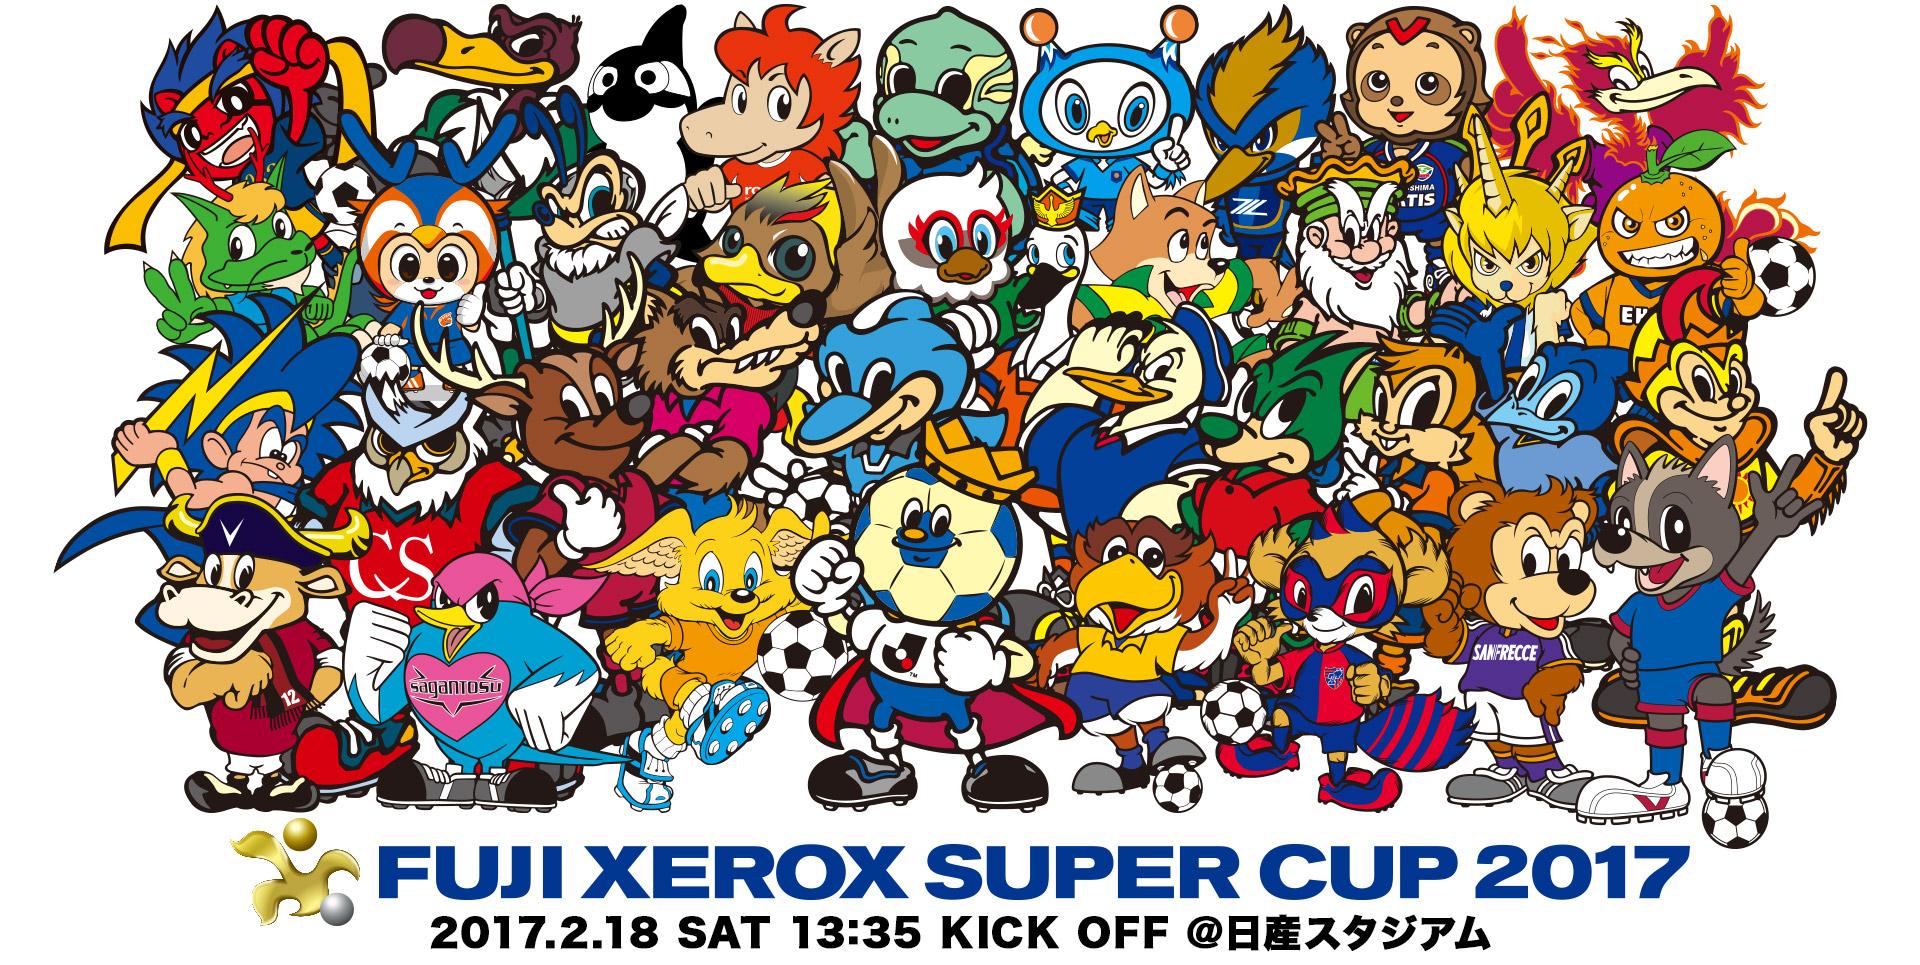 FUJI XEROX SUPER CUP 2017 OFFICIAL SHOP 頂上開幕。